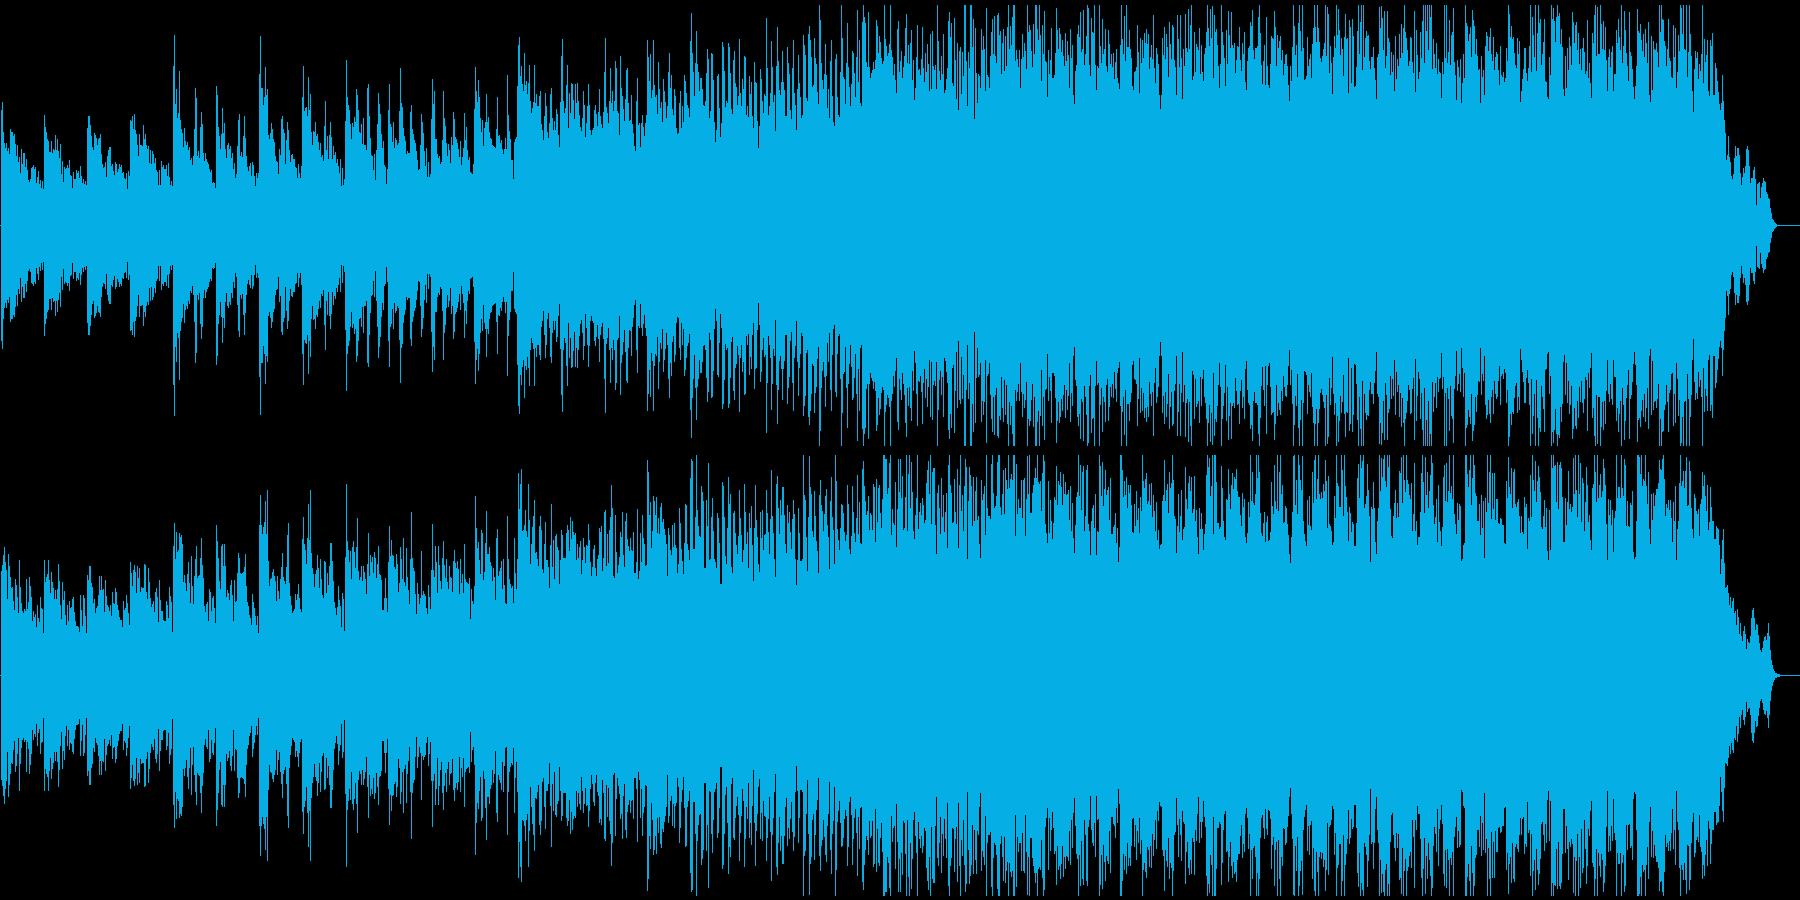 オープニングに最適な高揚感と情緒のある曲の再生済みの波形